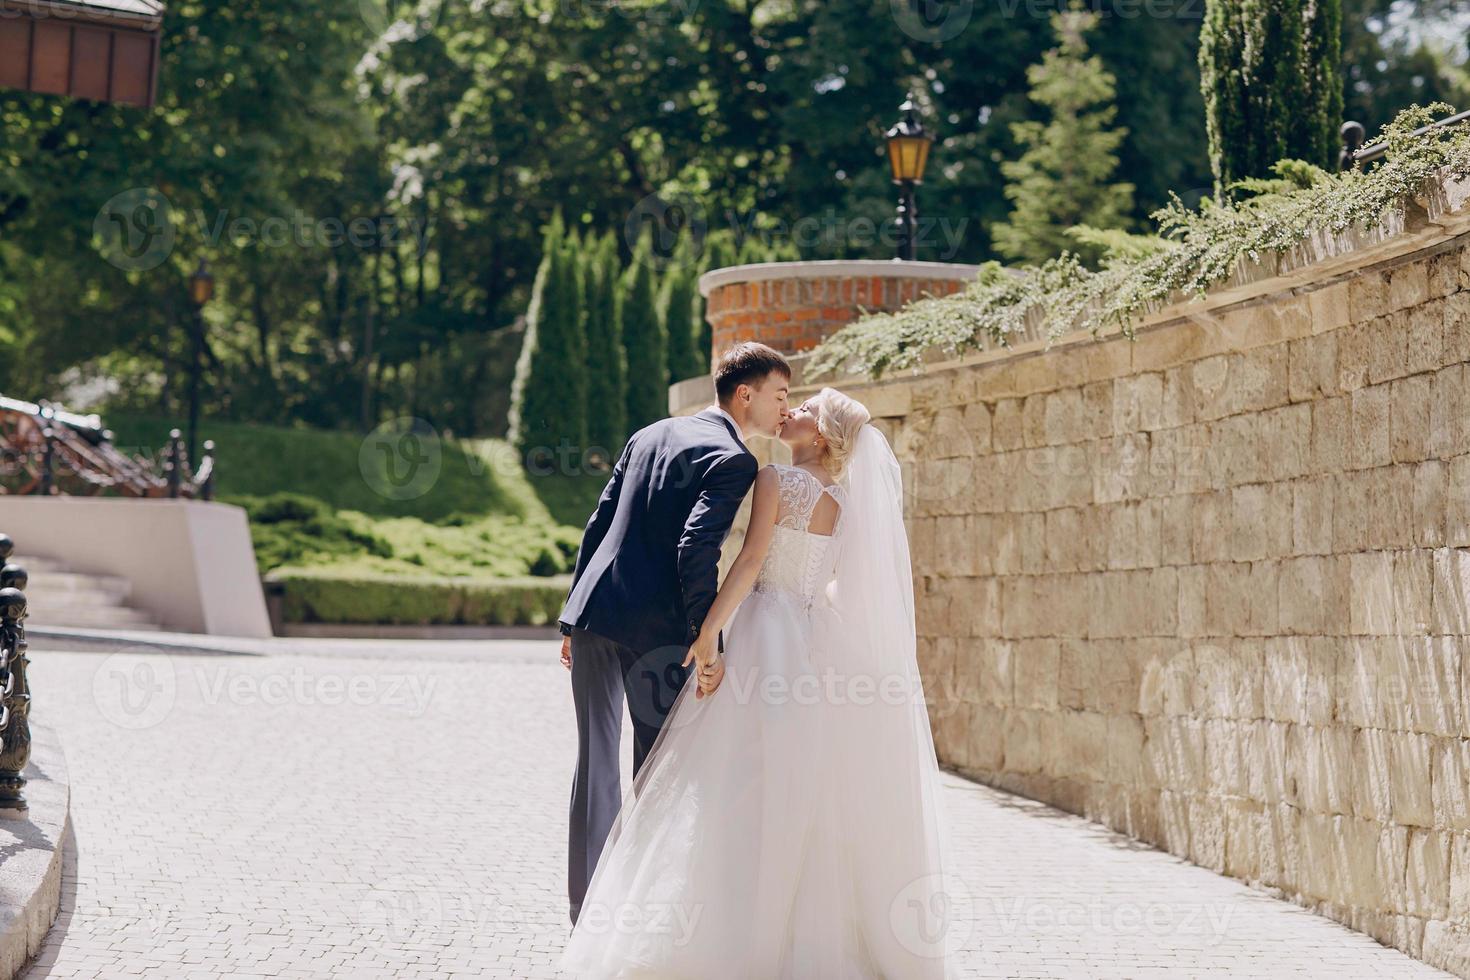 jour de soleil de mariage photo